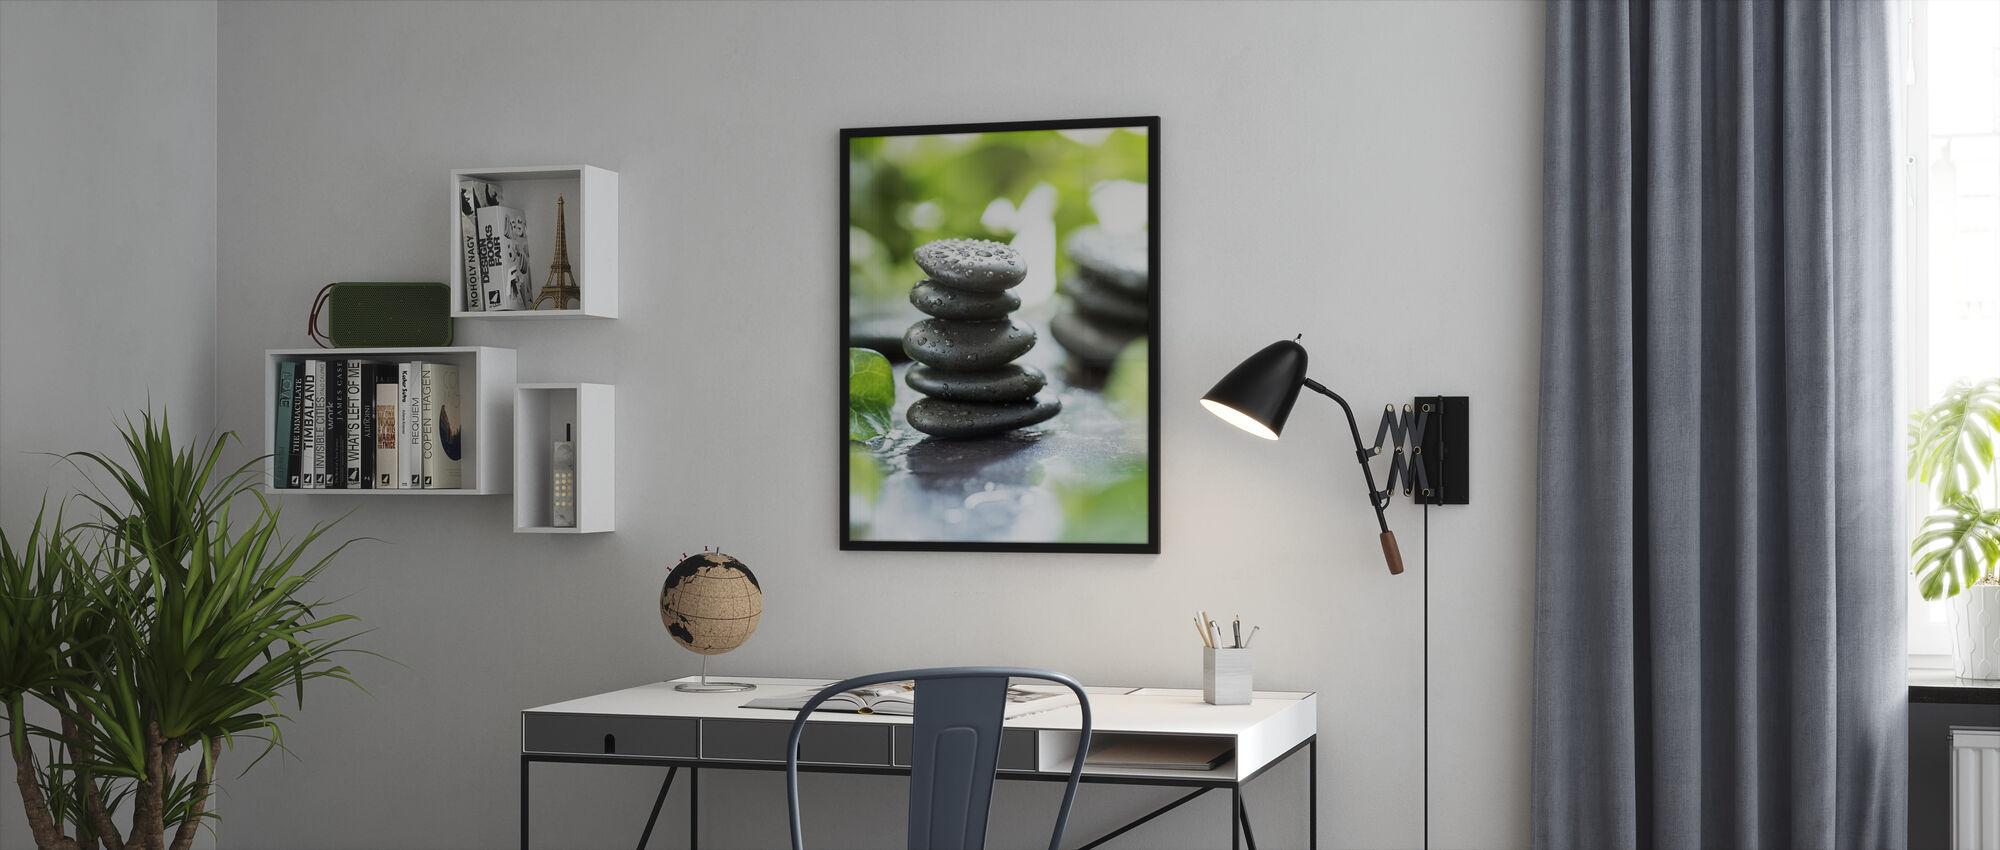 Zen Pebbles - Framed print - Office